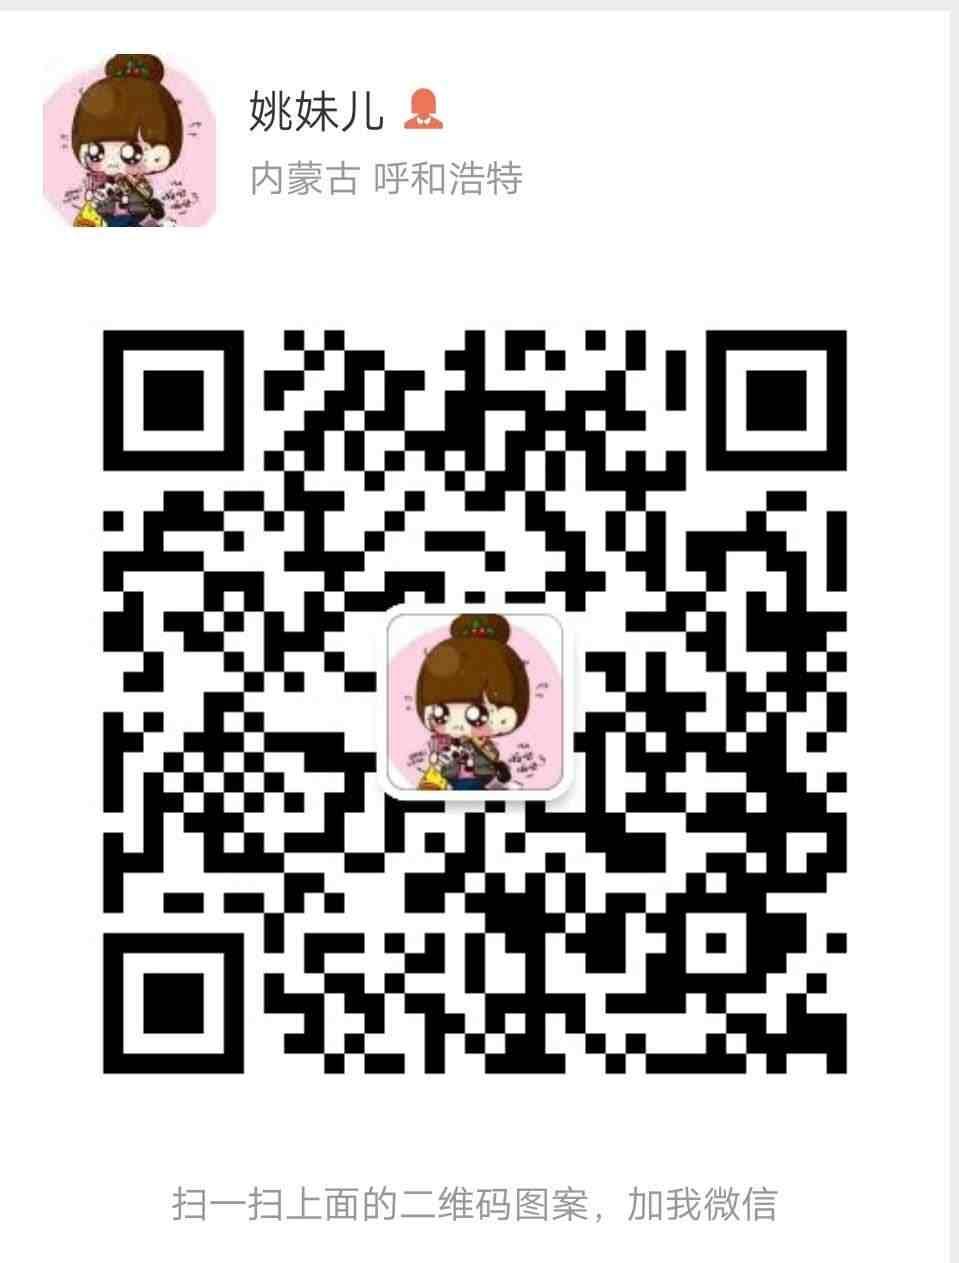 微信图片_20190612160432.jpg